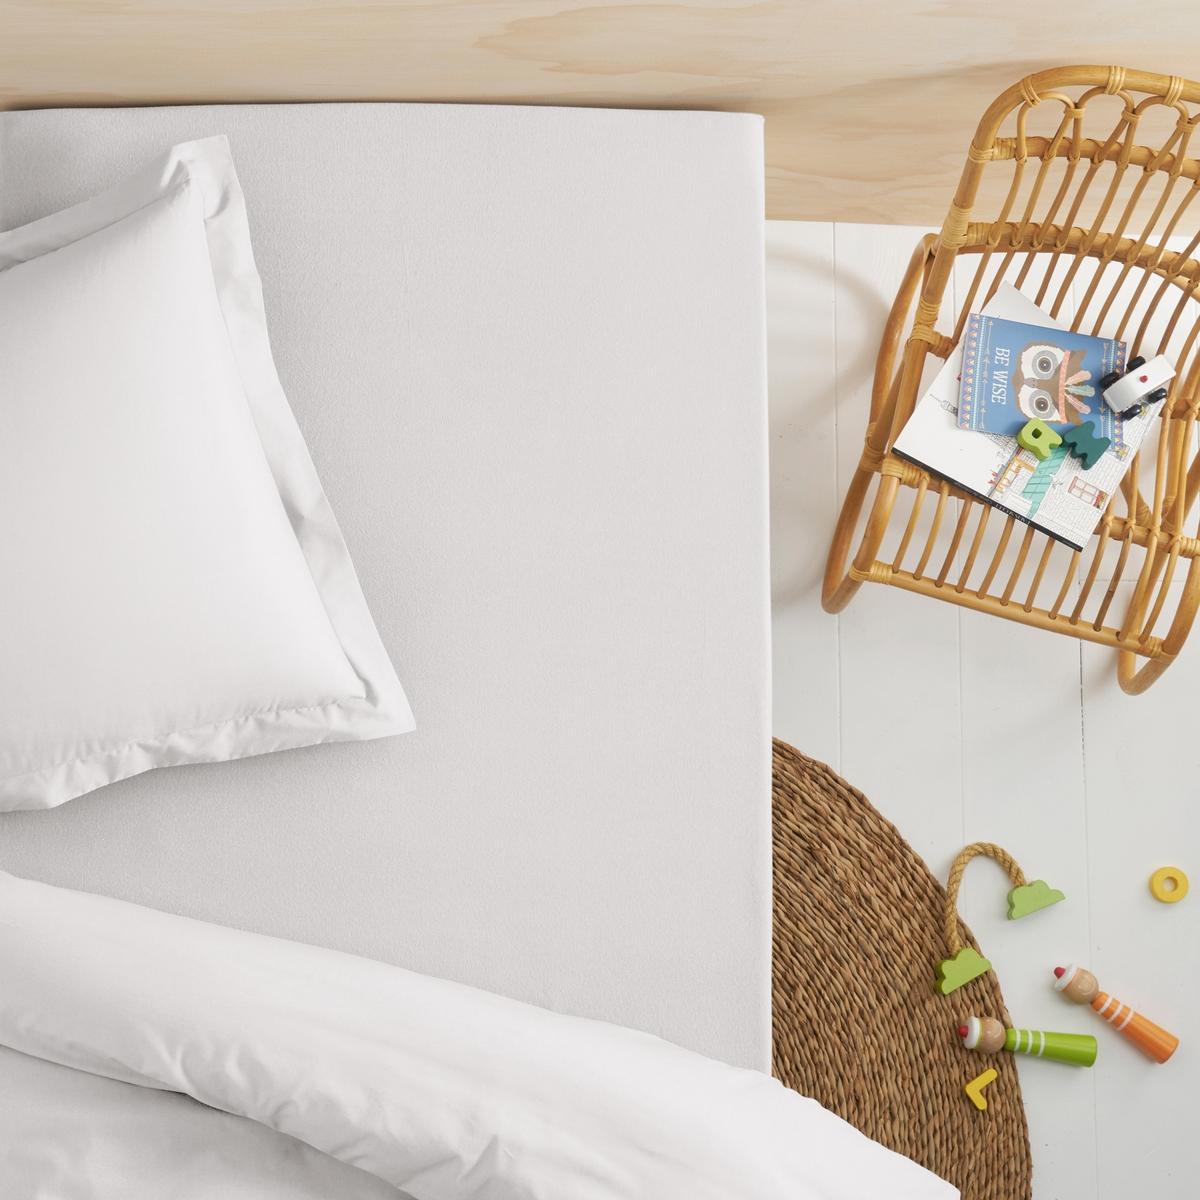 SCENARIO Простыня натяжная, джерси, 100% Био-хлопок, для детской кровати